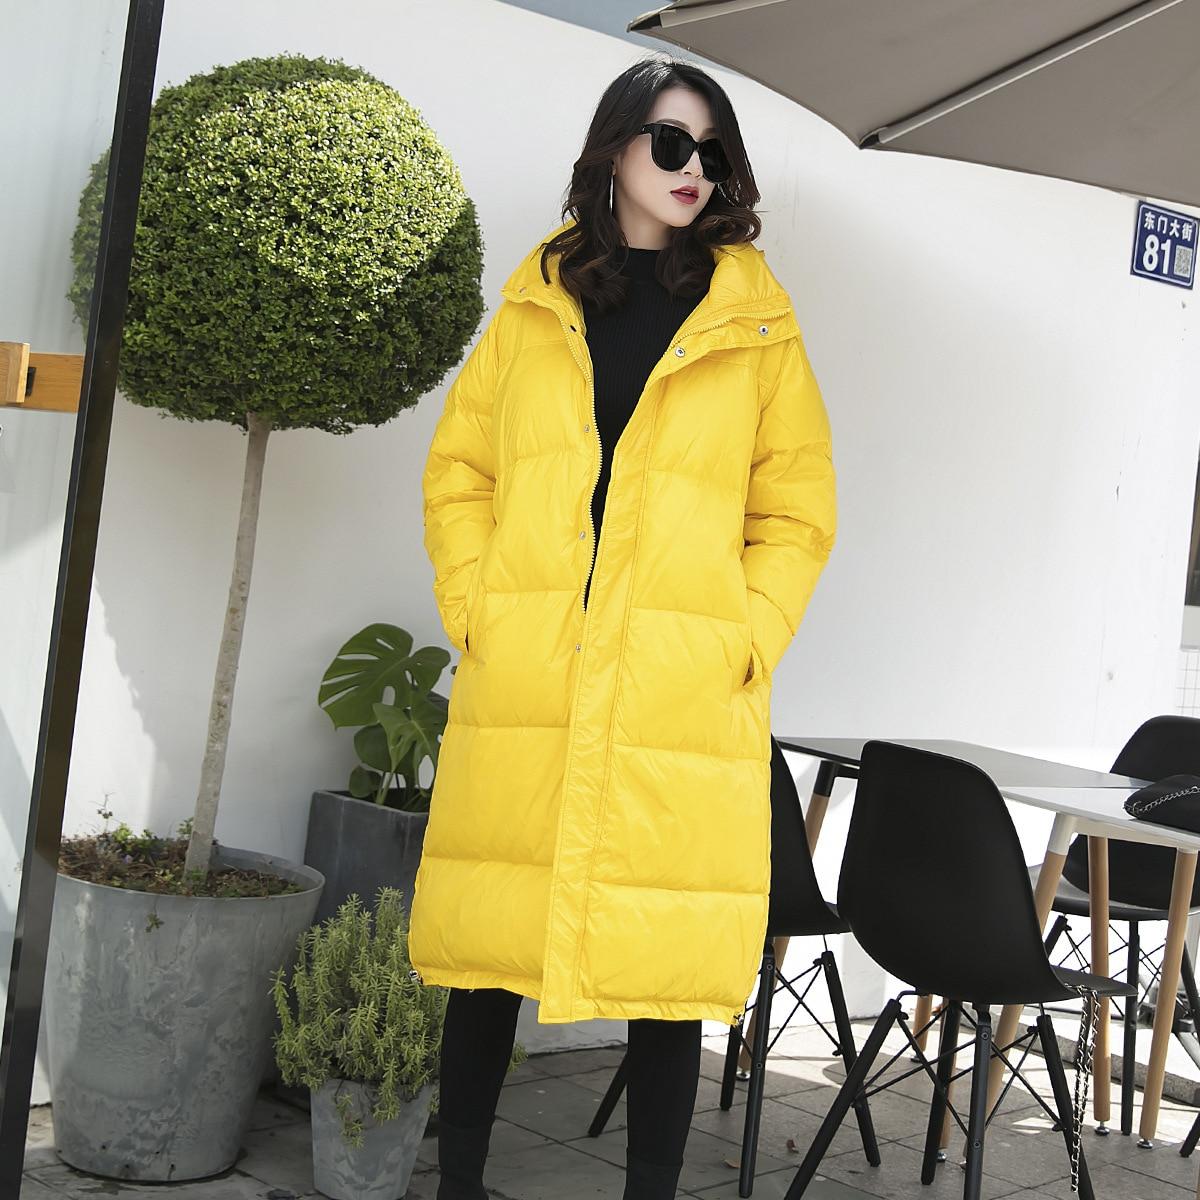 taille Bas Mince 100 Plus Veste Vêtements Vers Kg 90130 Style 2018 jaune Étendu Noir Nouvelle Graisse De pourpre coréen Robe Femmes Défilé D'hiver Sœur Le Mode XRaEwx